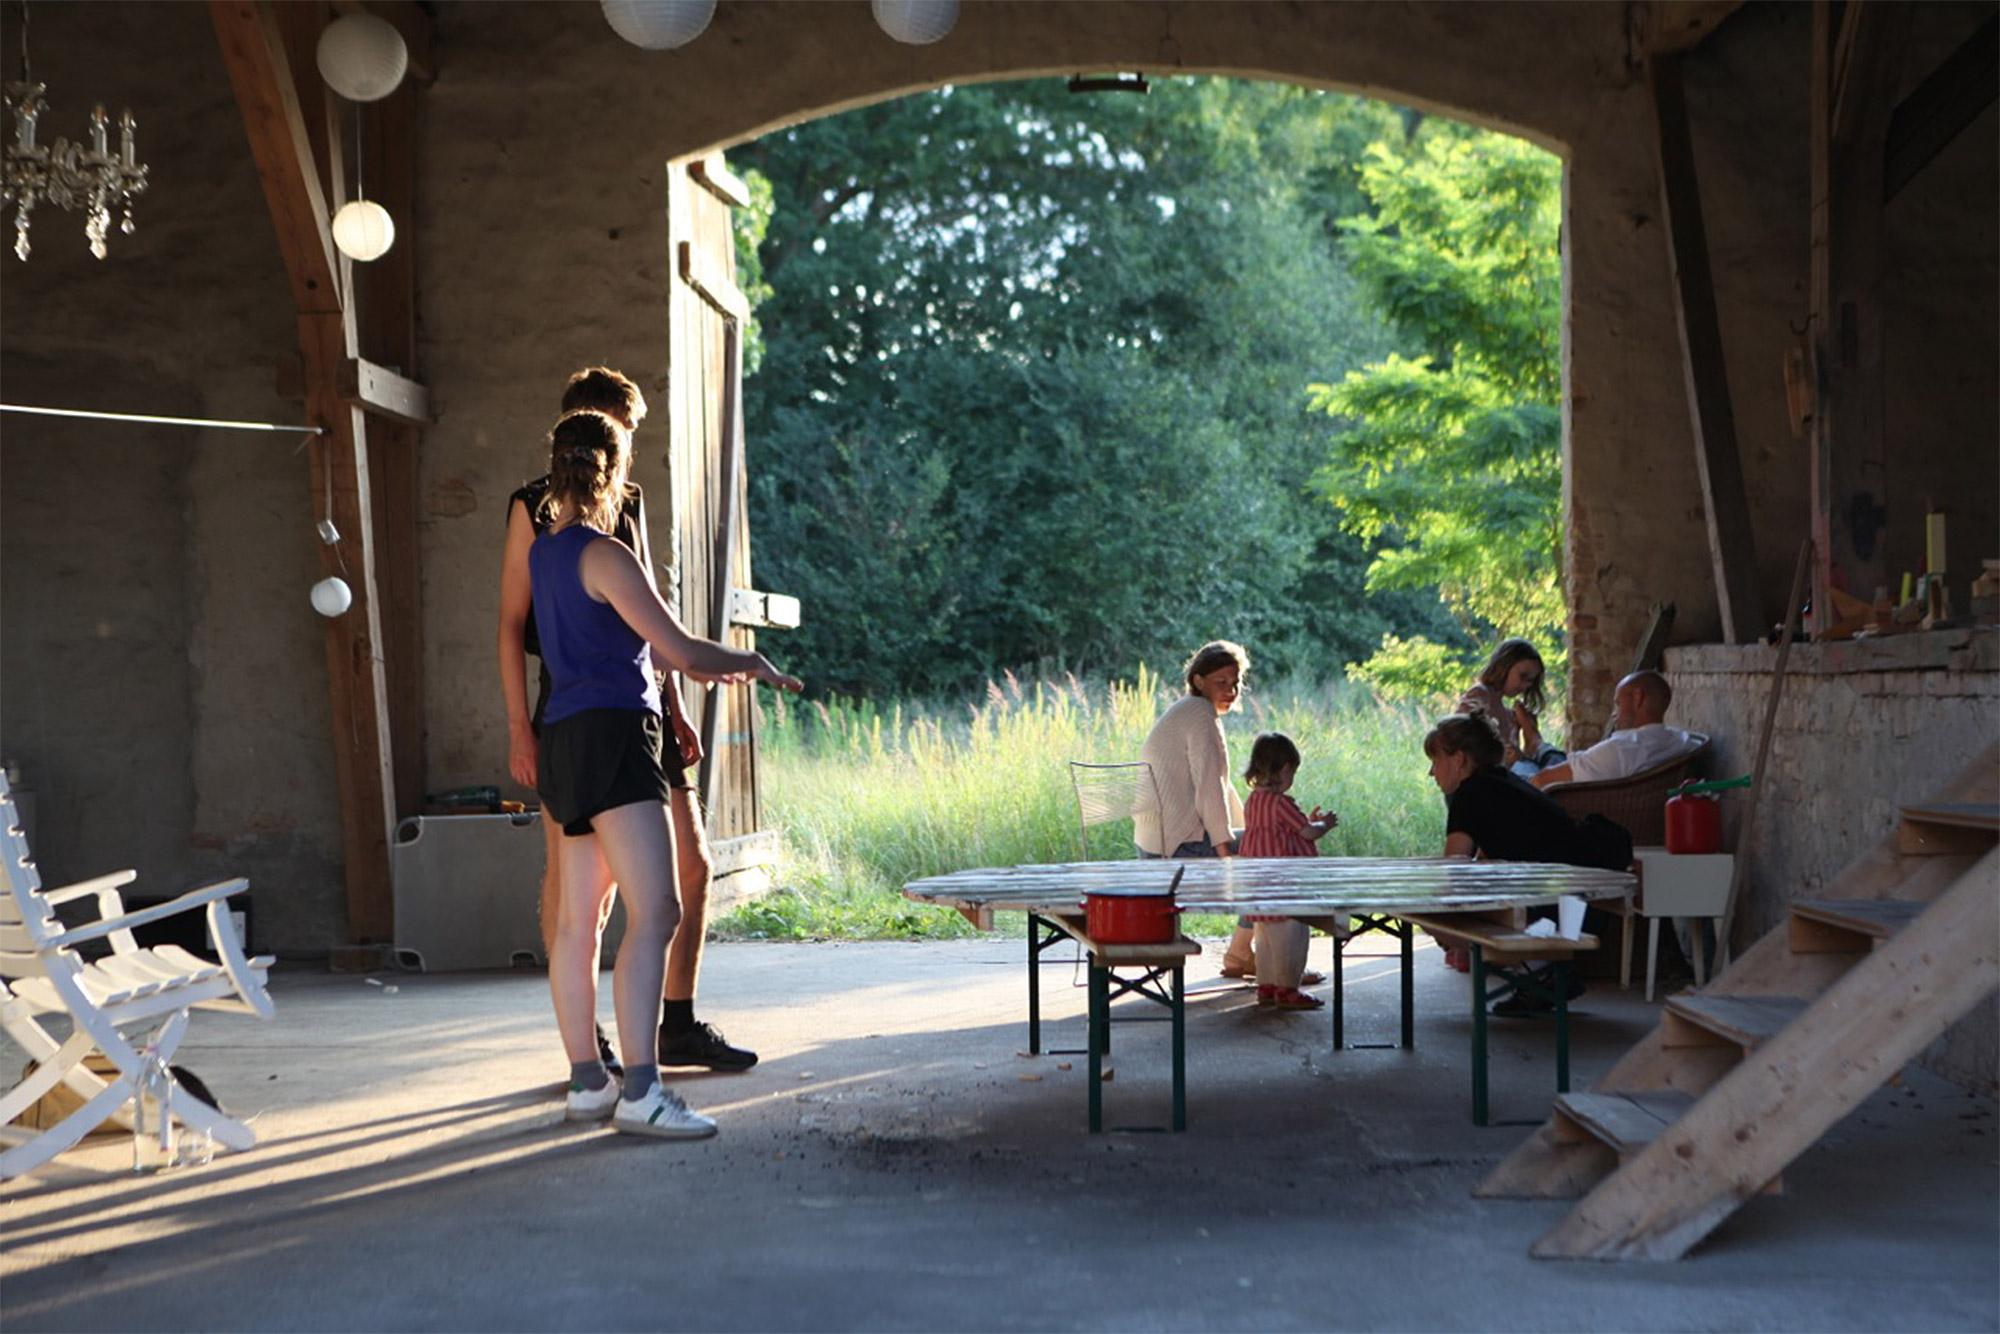 Die Workshops finden im Garten oder in der gut durchlüfteten Scheune vom Blauen Pferd statt